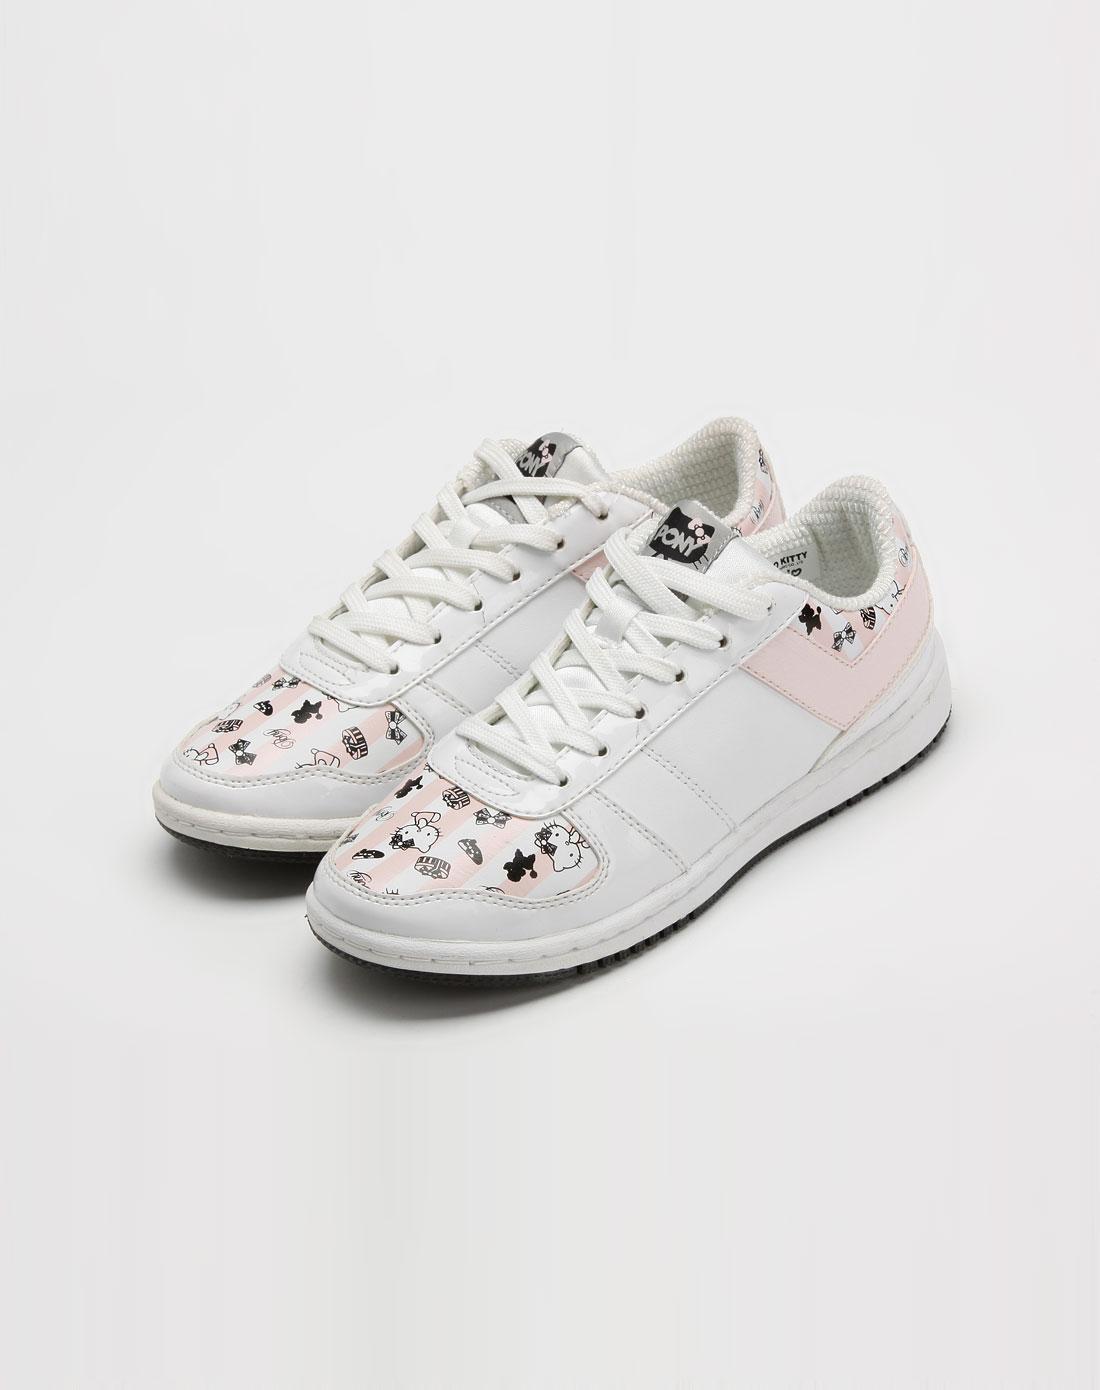 女款白/粉色凯蒂猫印图休闲鞋